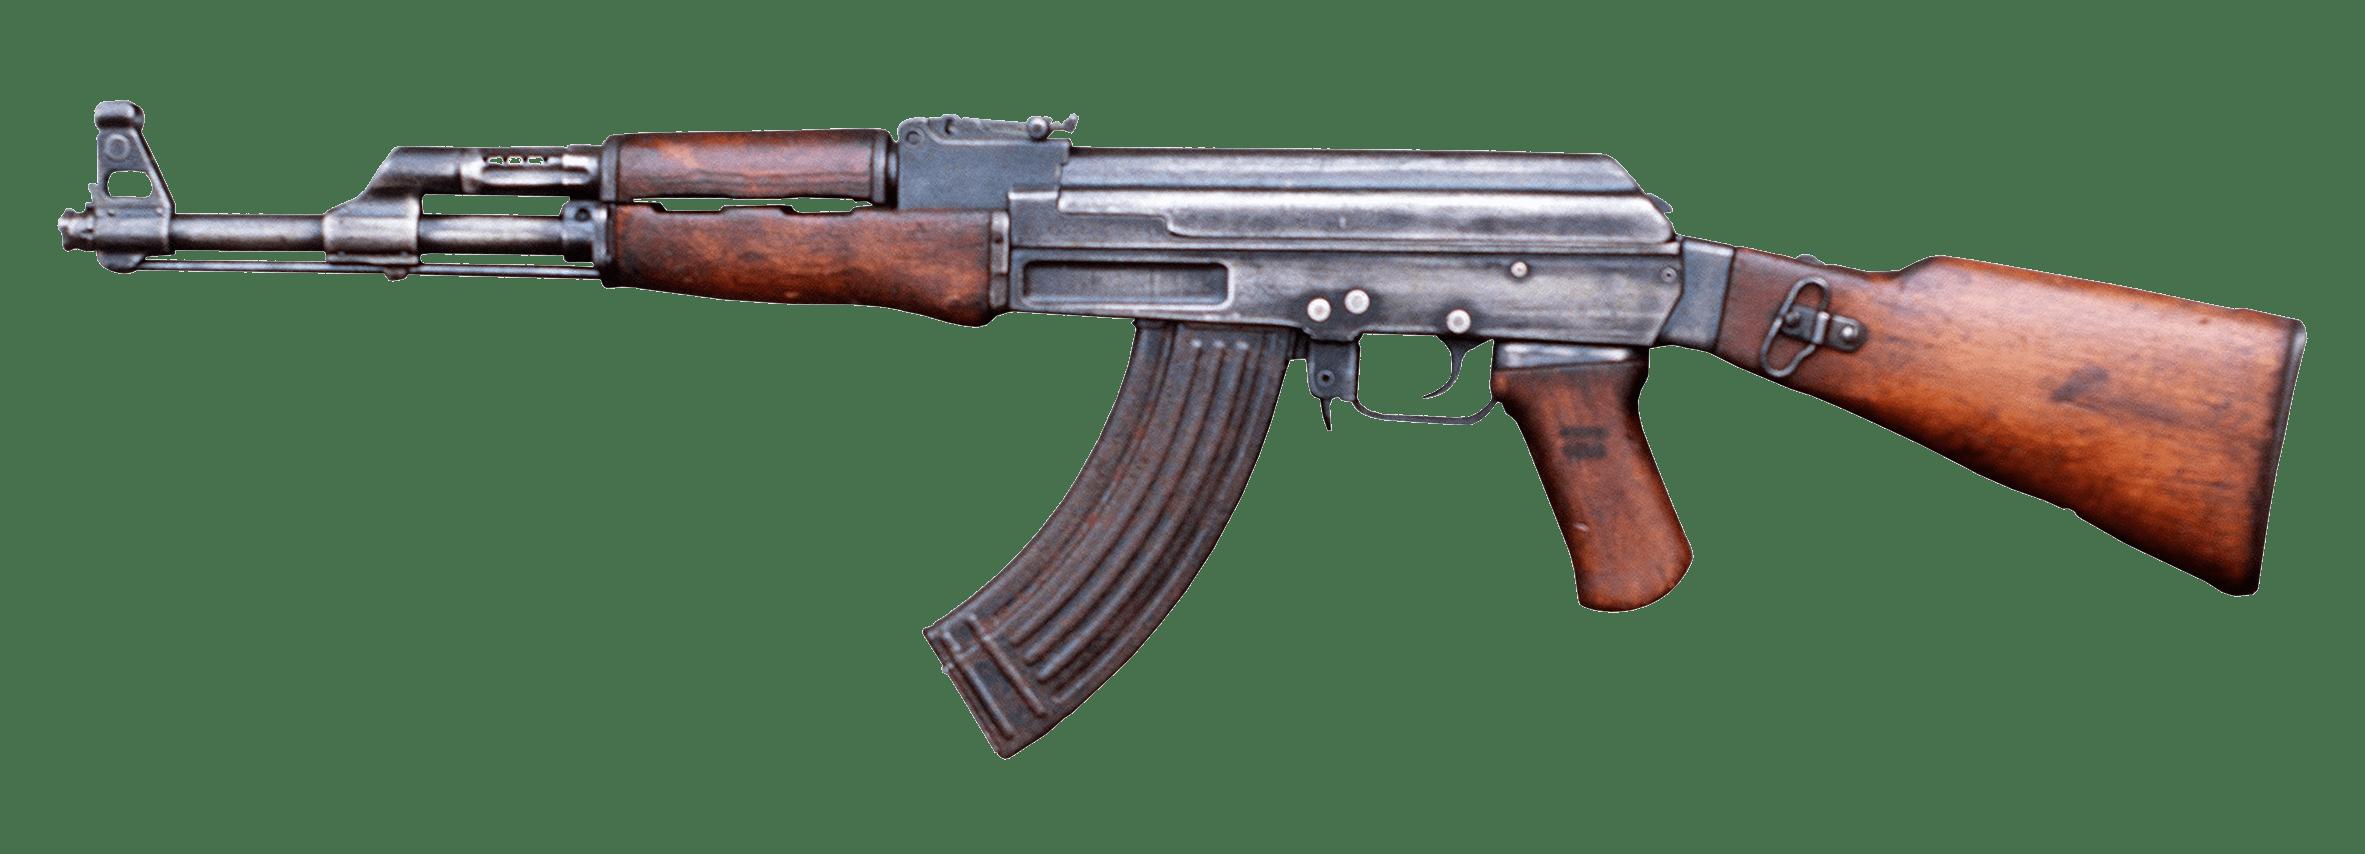 M transparent png stickpng. Clipart gun assault rifle